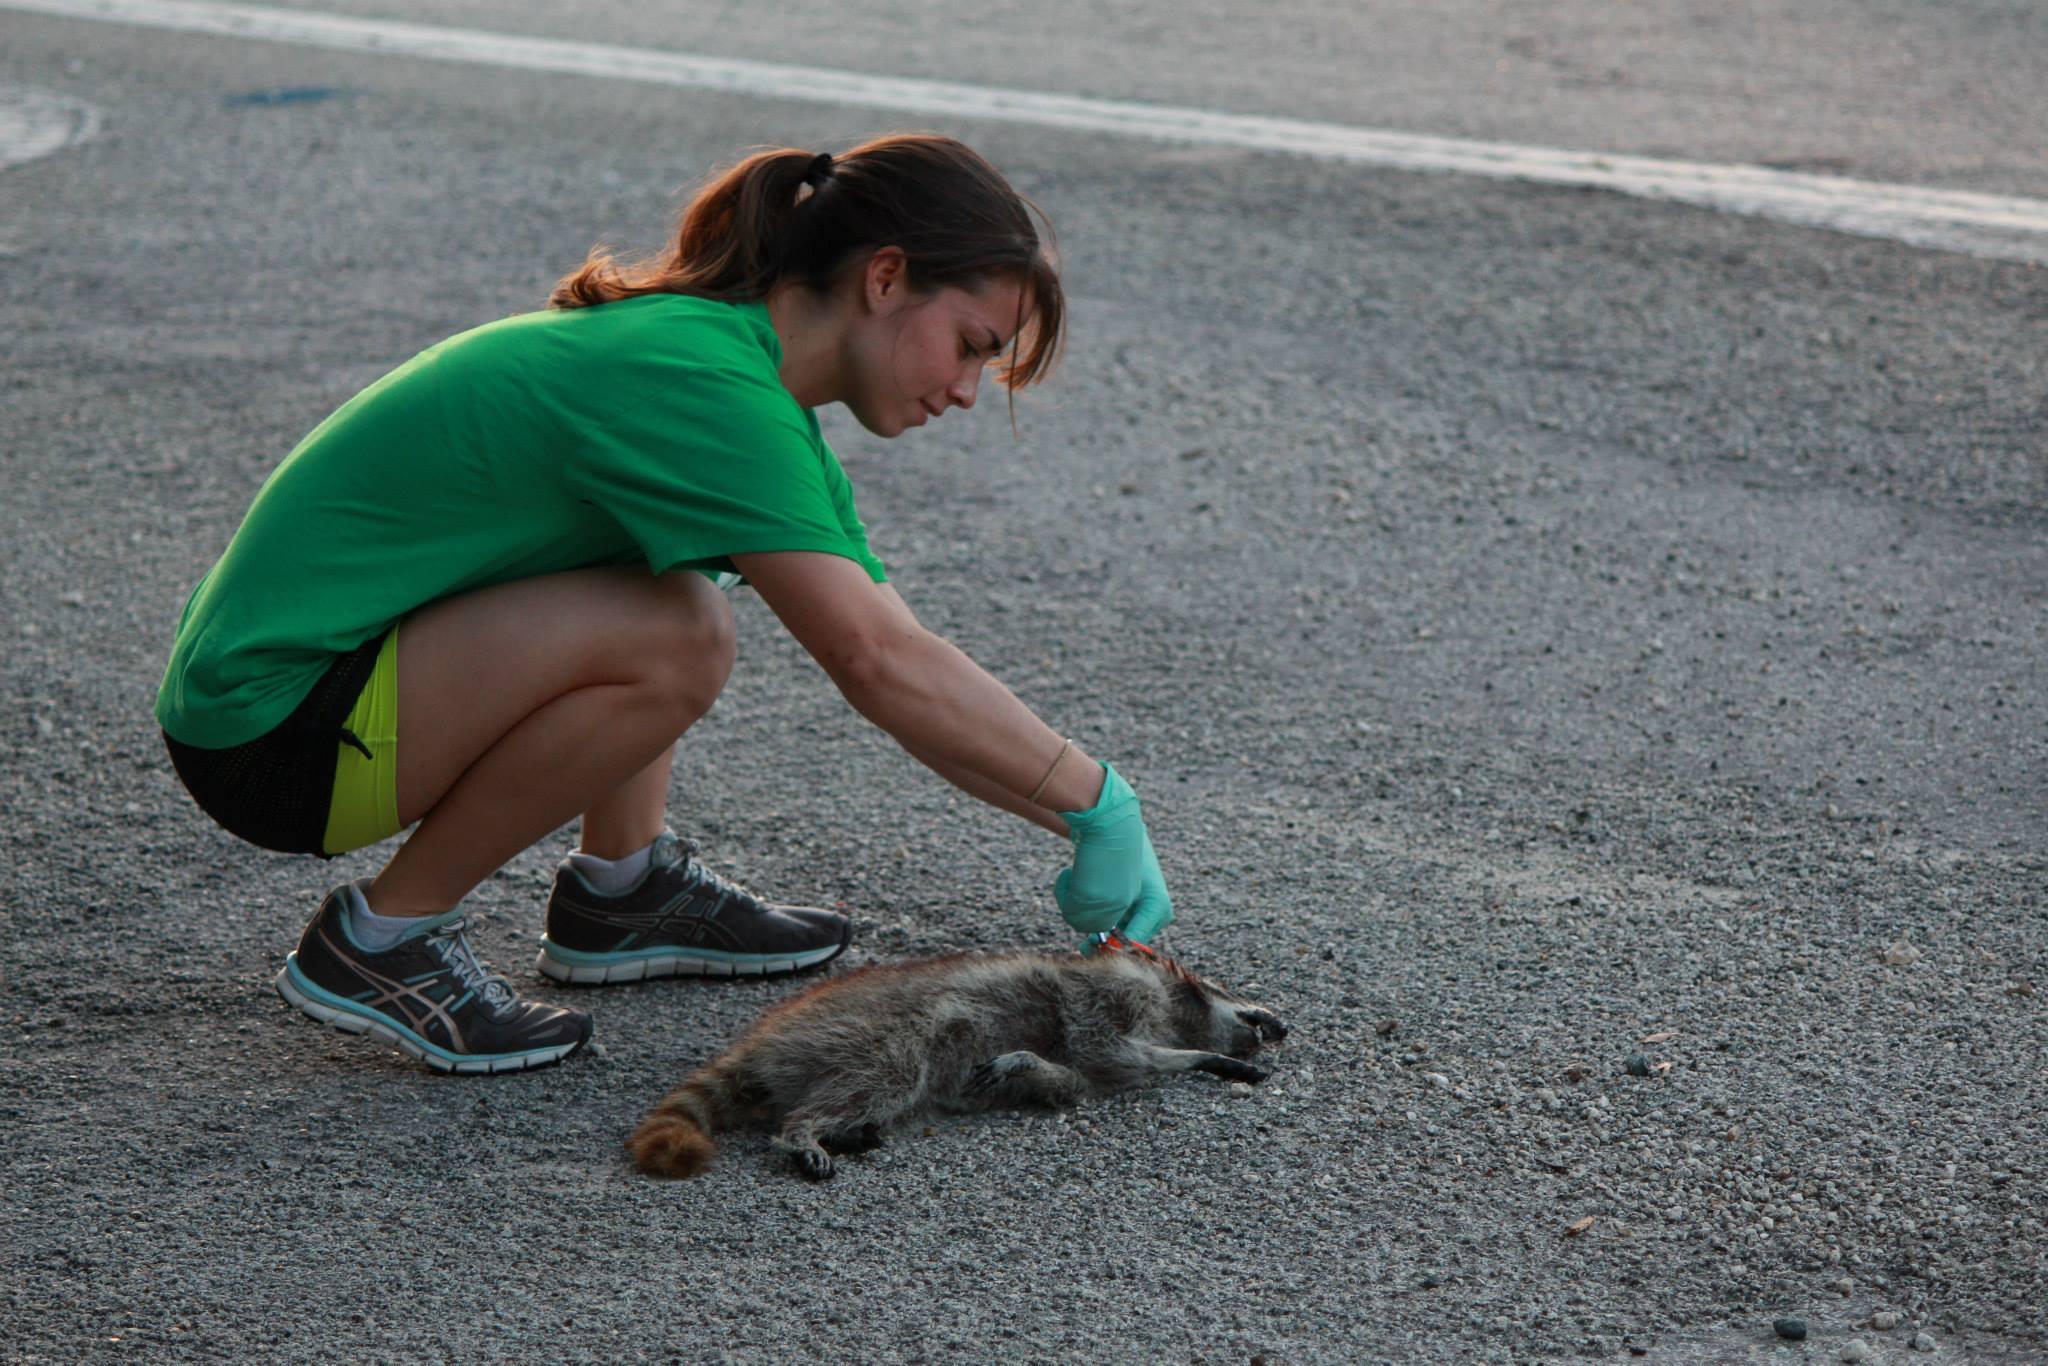 Alexa and raccoon